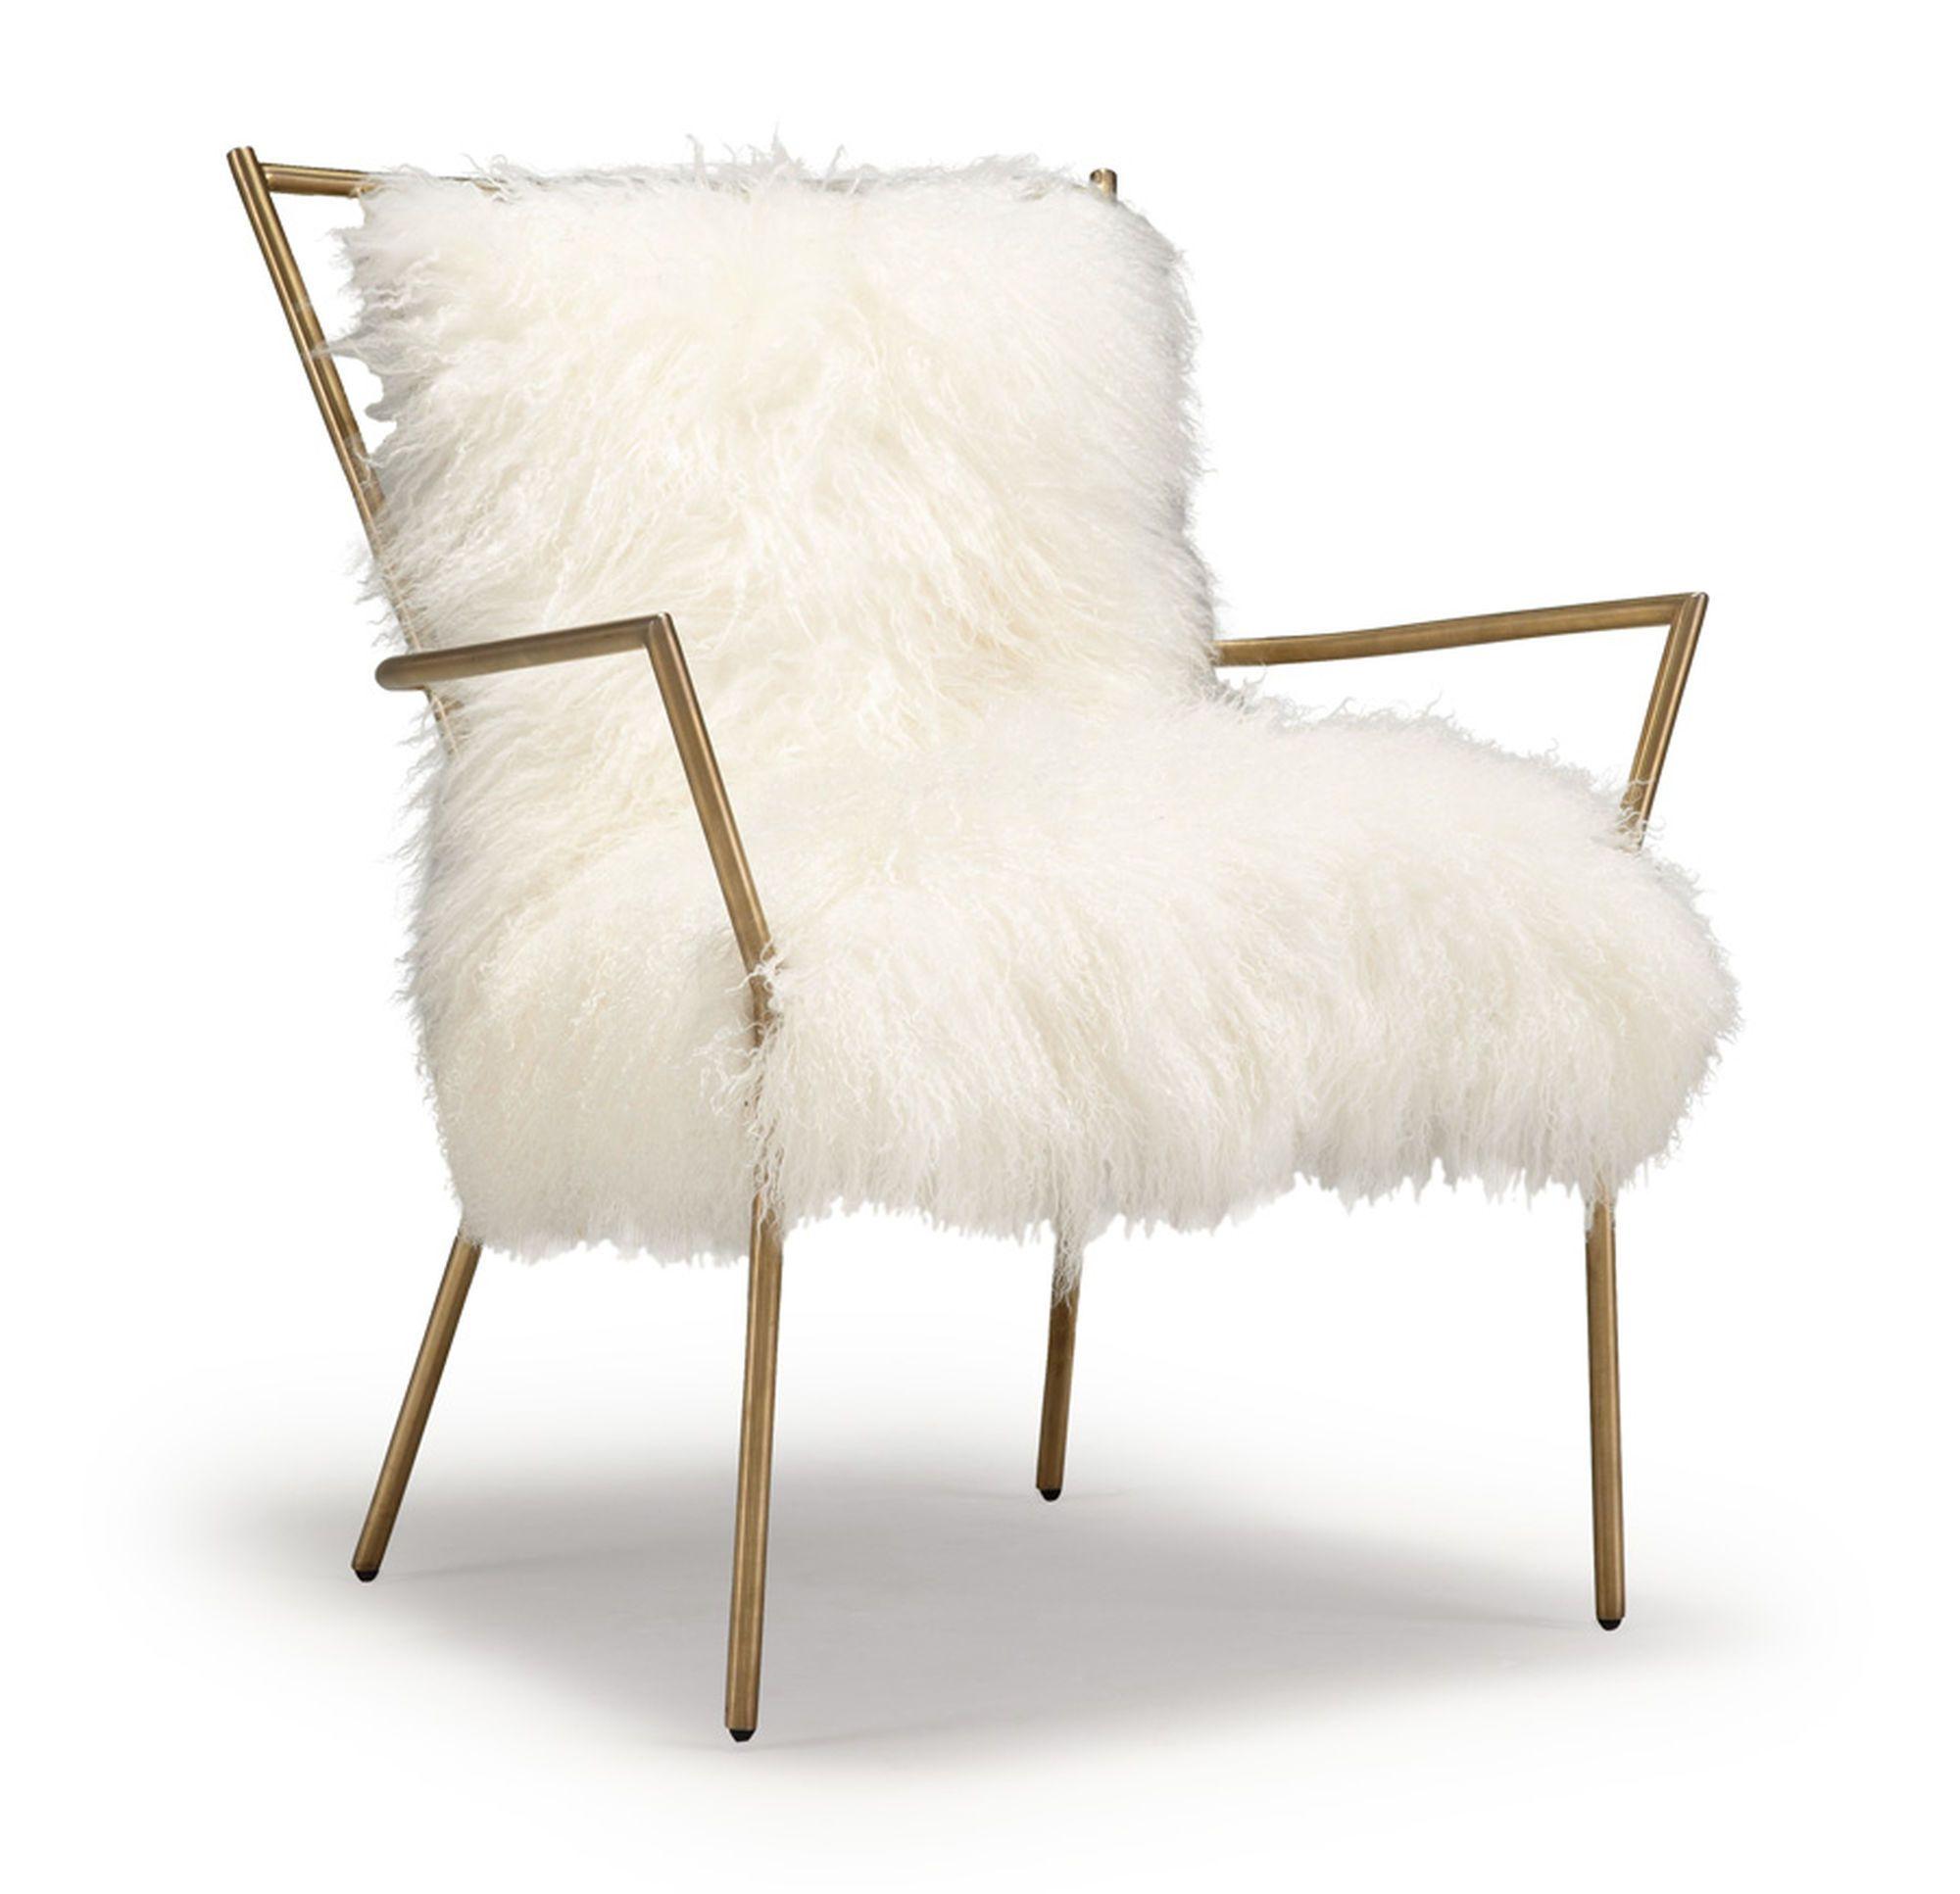 wei es fell stuhl st hle pinterest wei es fell stuhl und zimmer einrichten. Black Bedroom Furniture Sets. Home Design Ideas